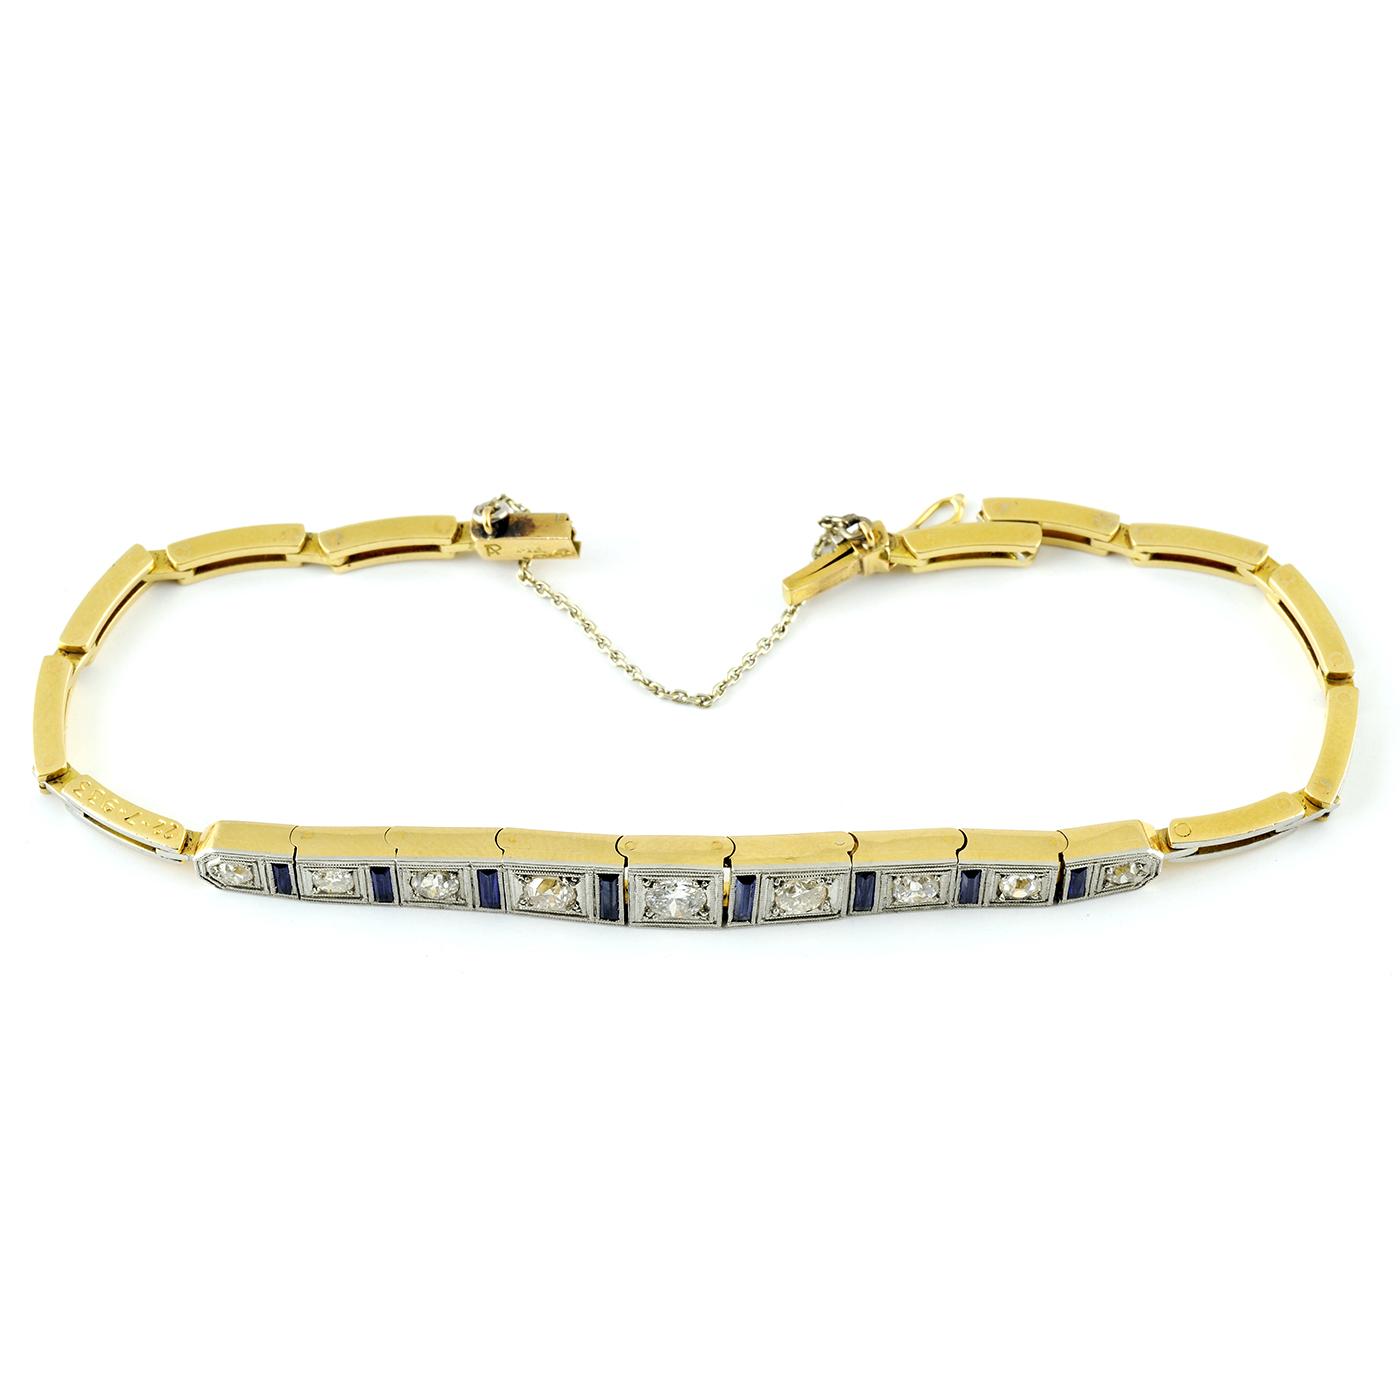 Pulsera de Oro bicolor con Diamantes y Zafiros.